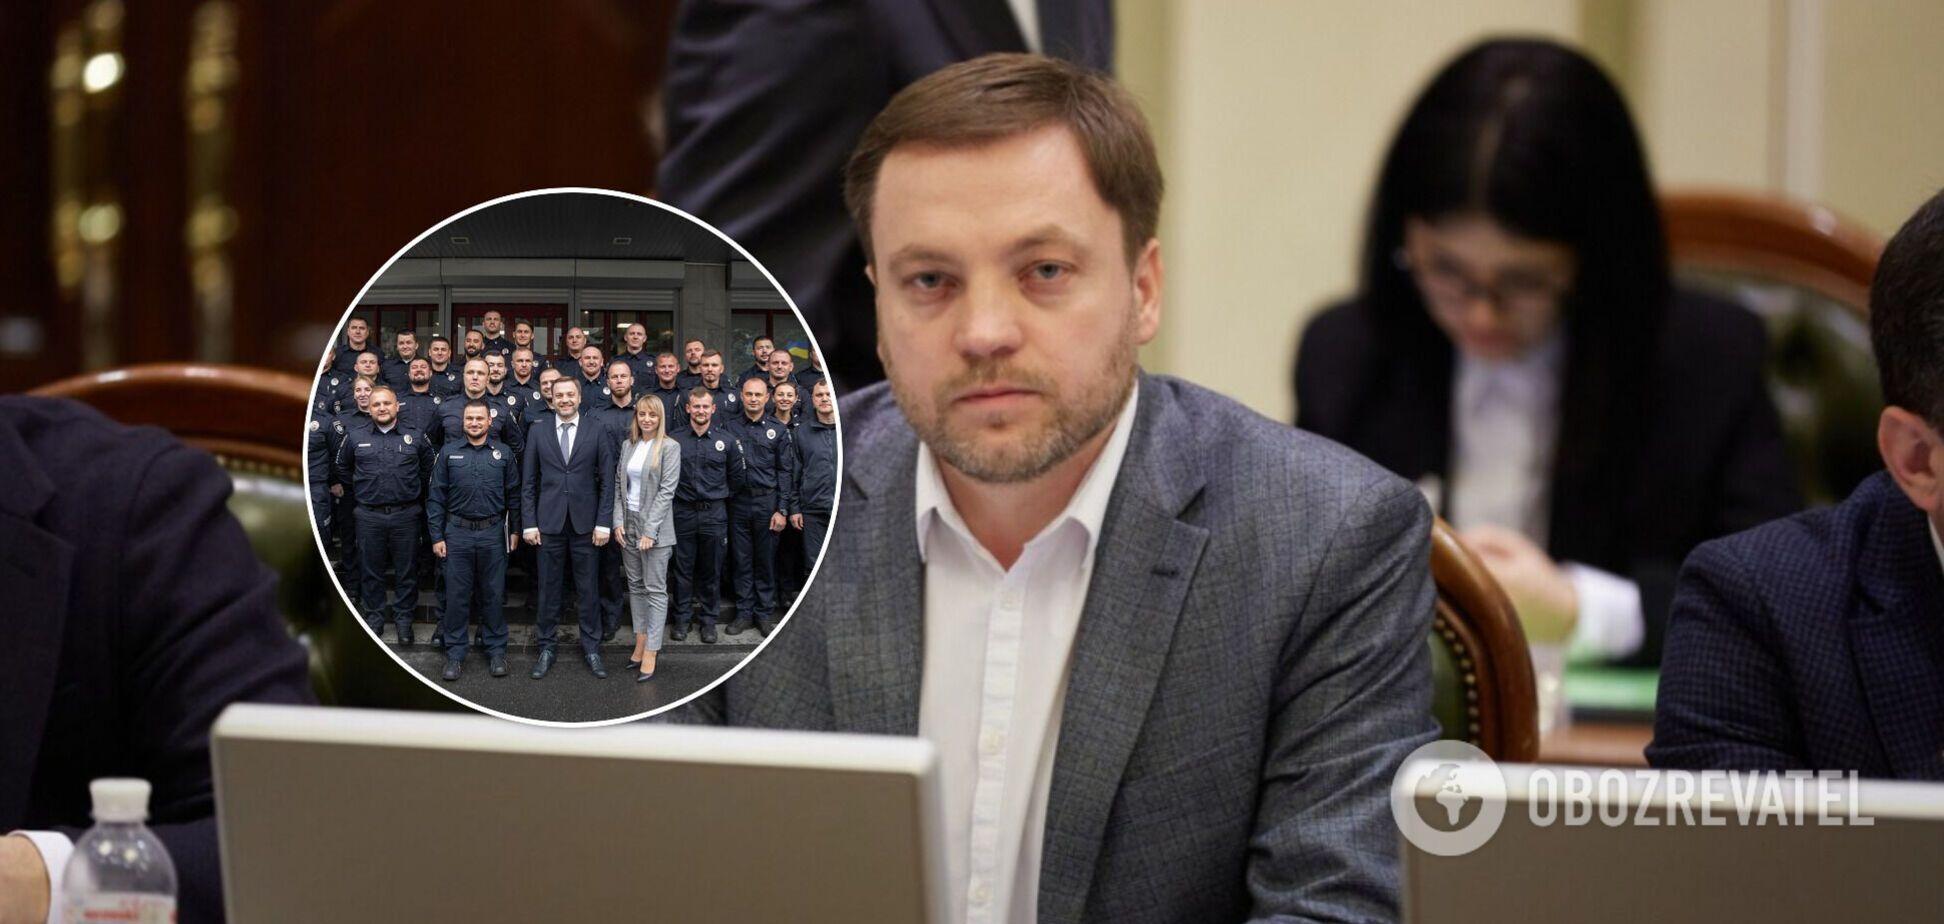 Монастырский встретился с руководителями подразделений патрульной полиции: о чем говорили